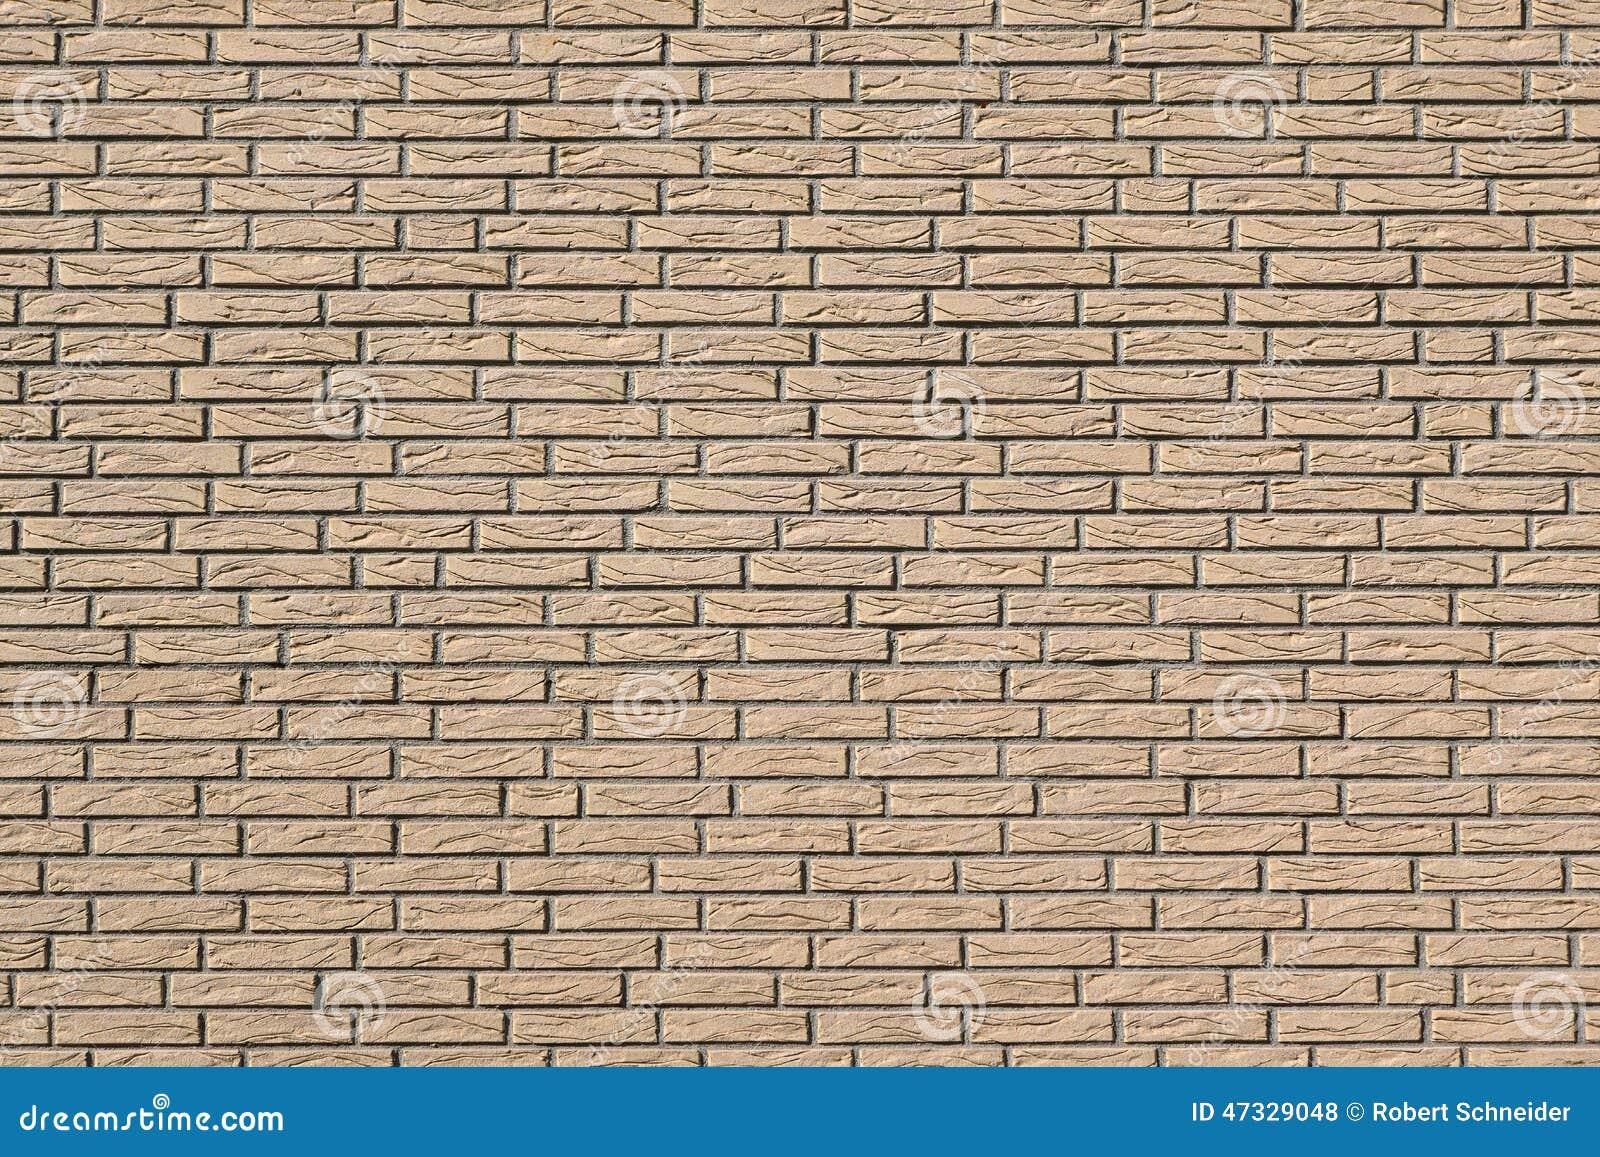 Wandverkleidung Im Steinblick Stockfoto - Bild: 47329048